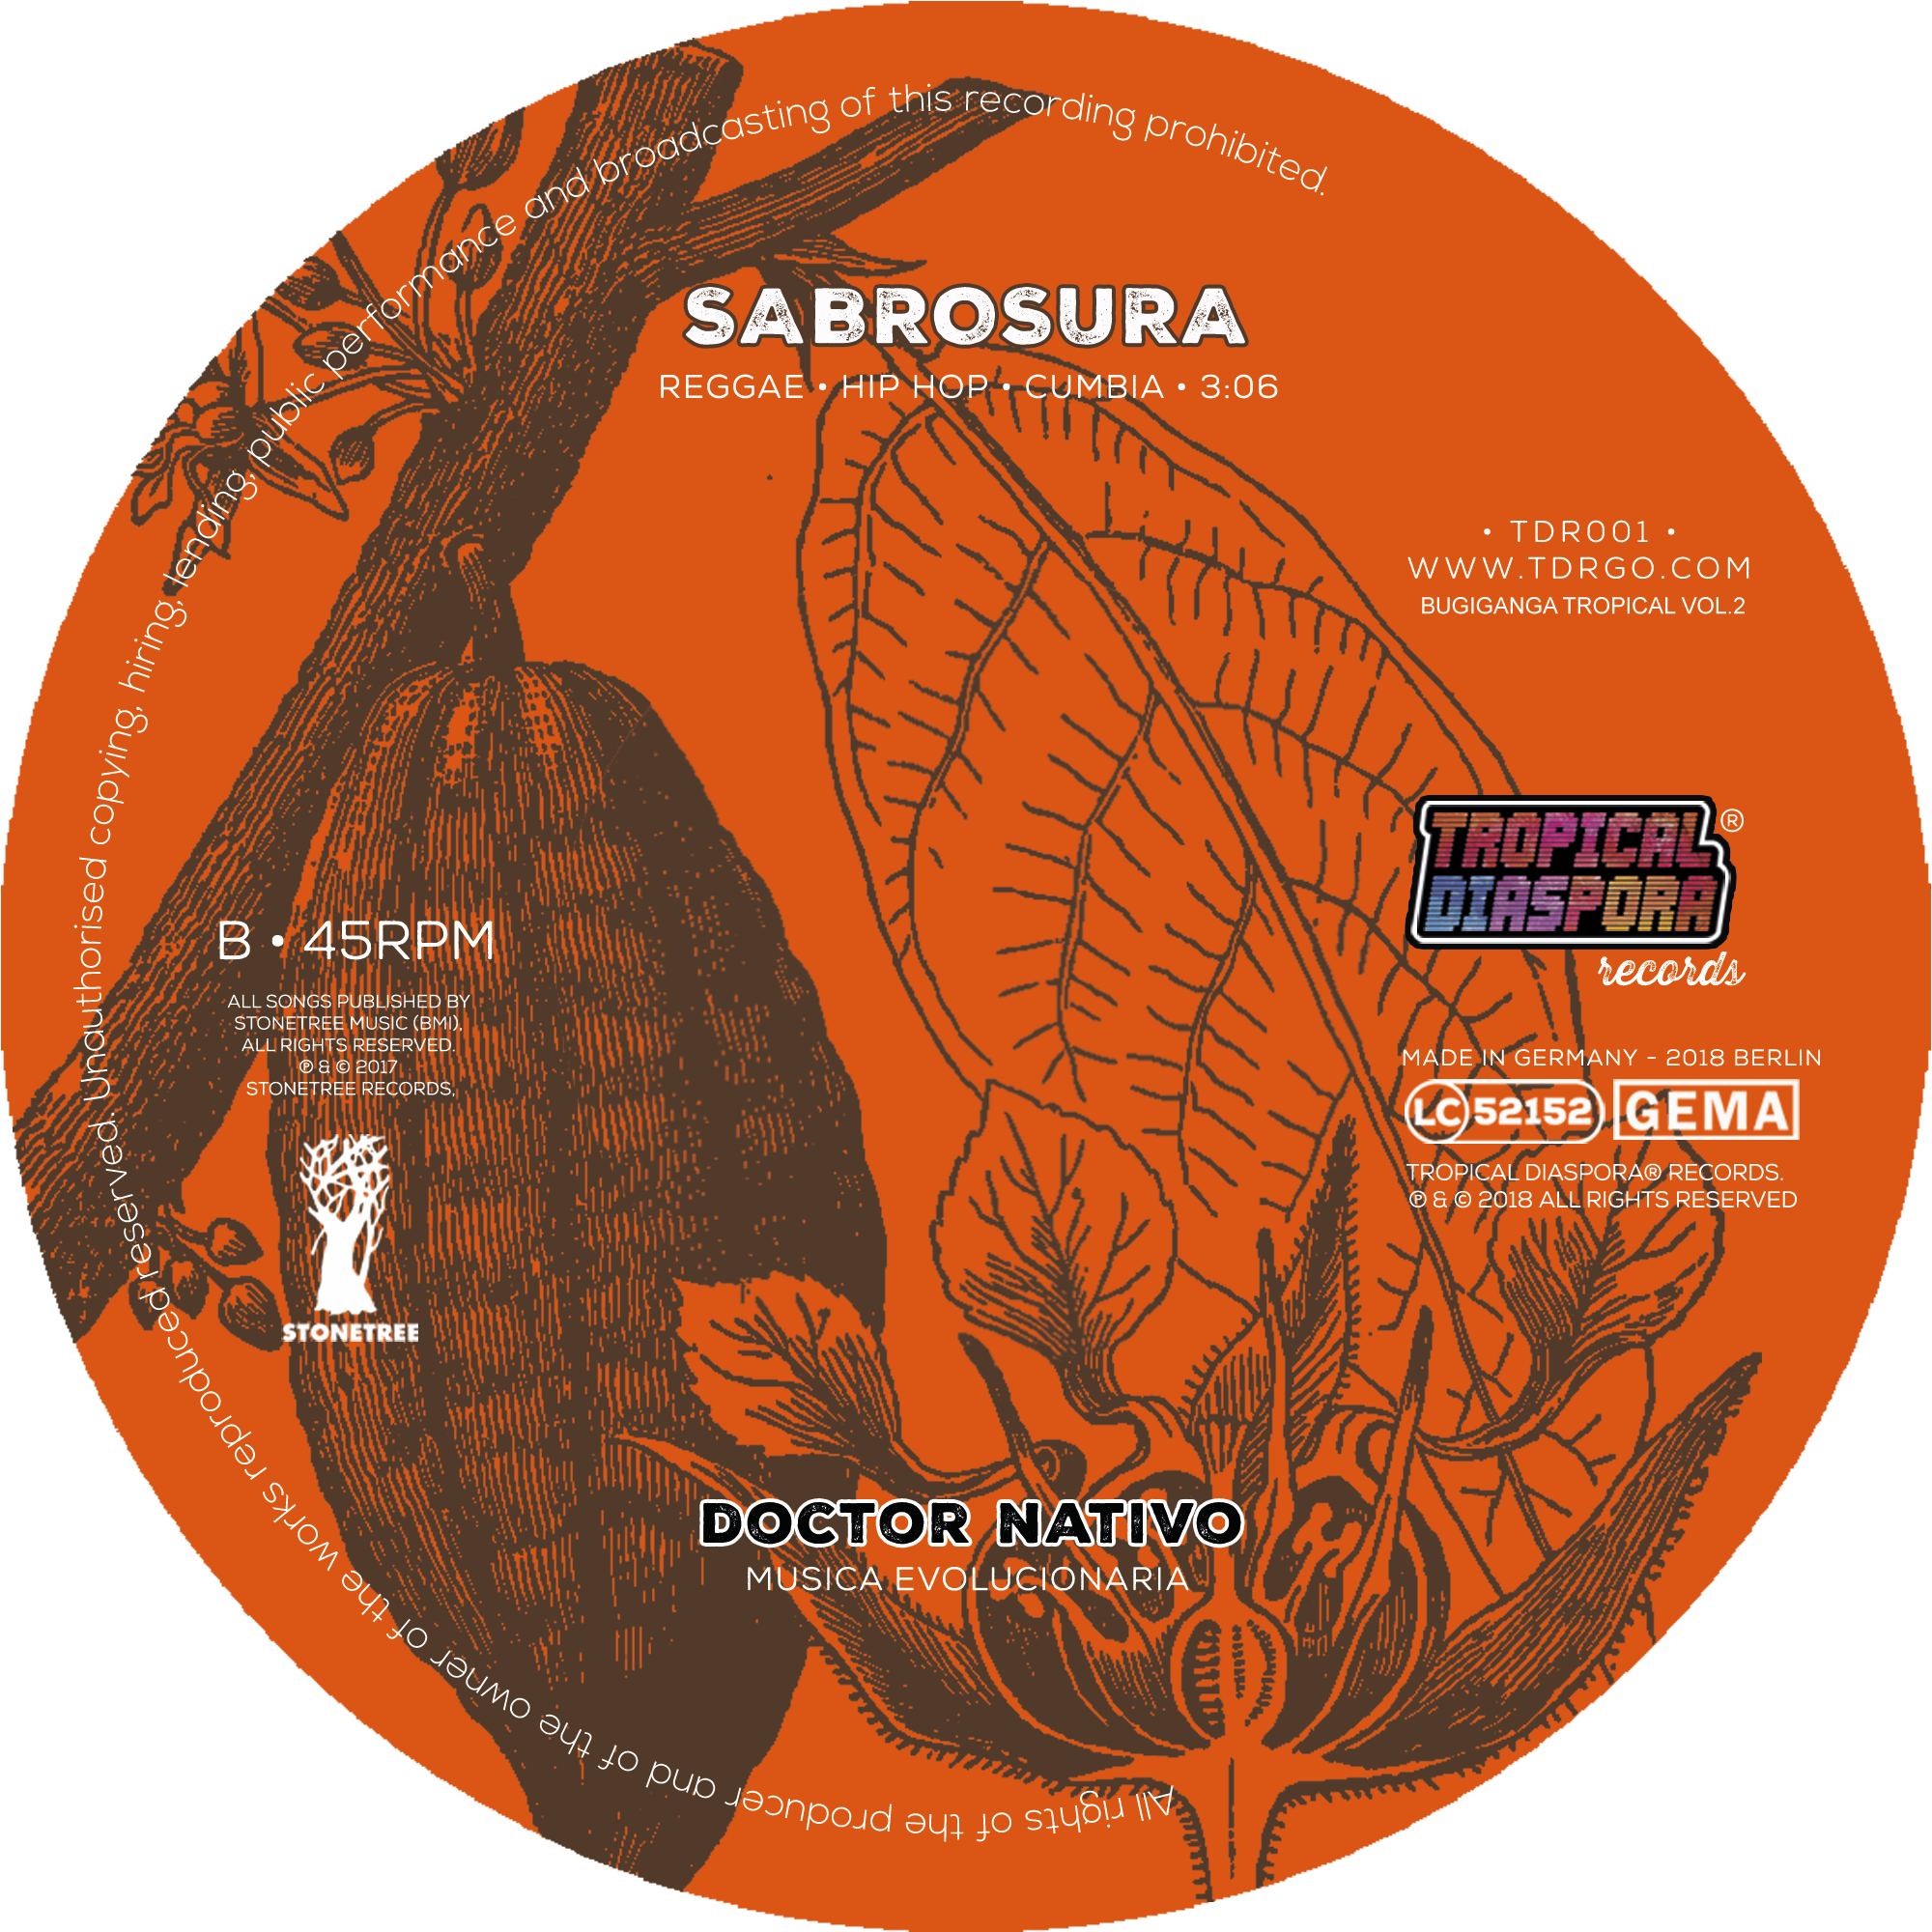 TDR001 Vinyl7inch Etikett90mm großeres Mittelloch SIDE B v6